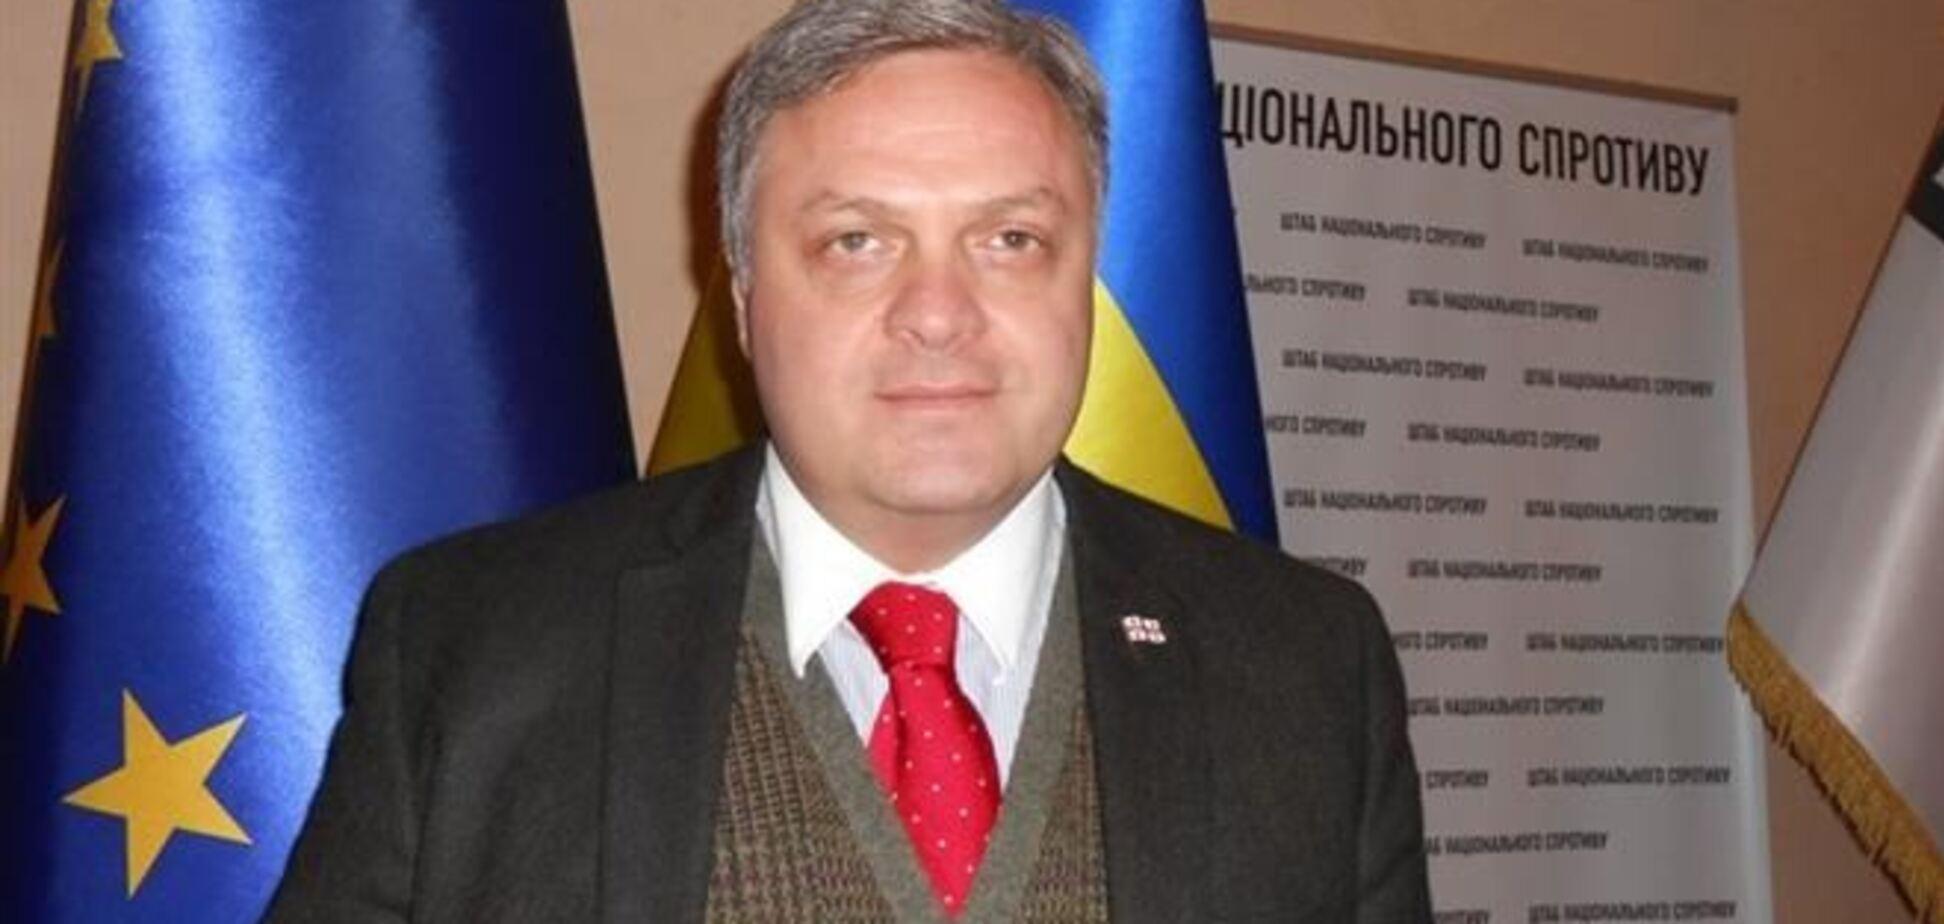 Георгій Барамідзе: Евромайдан вирішує долю всієї Східної Європи